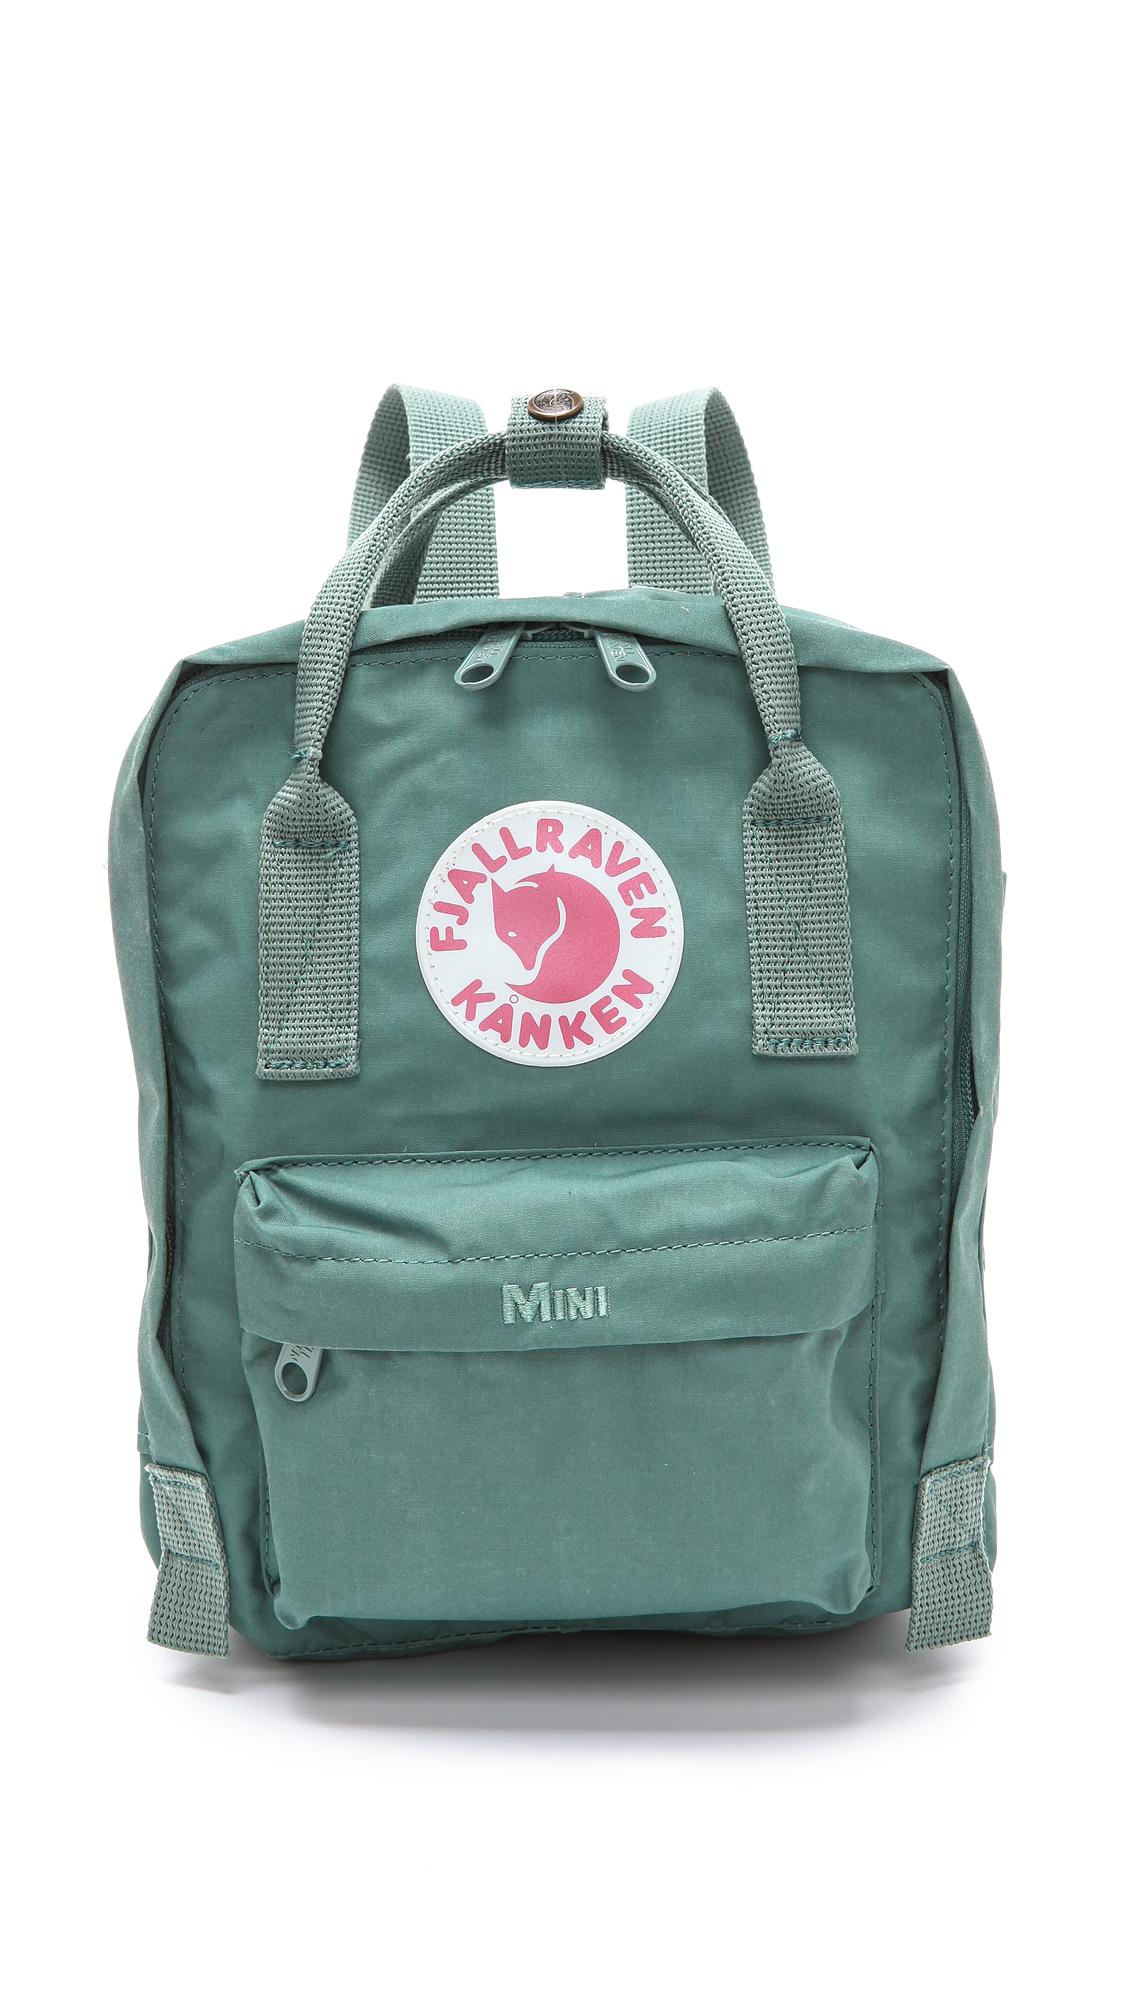 fjallraven kanken mini backpack in green save 22 lyst. Black Bedroom Furniture Sets. Home Design Ideas